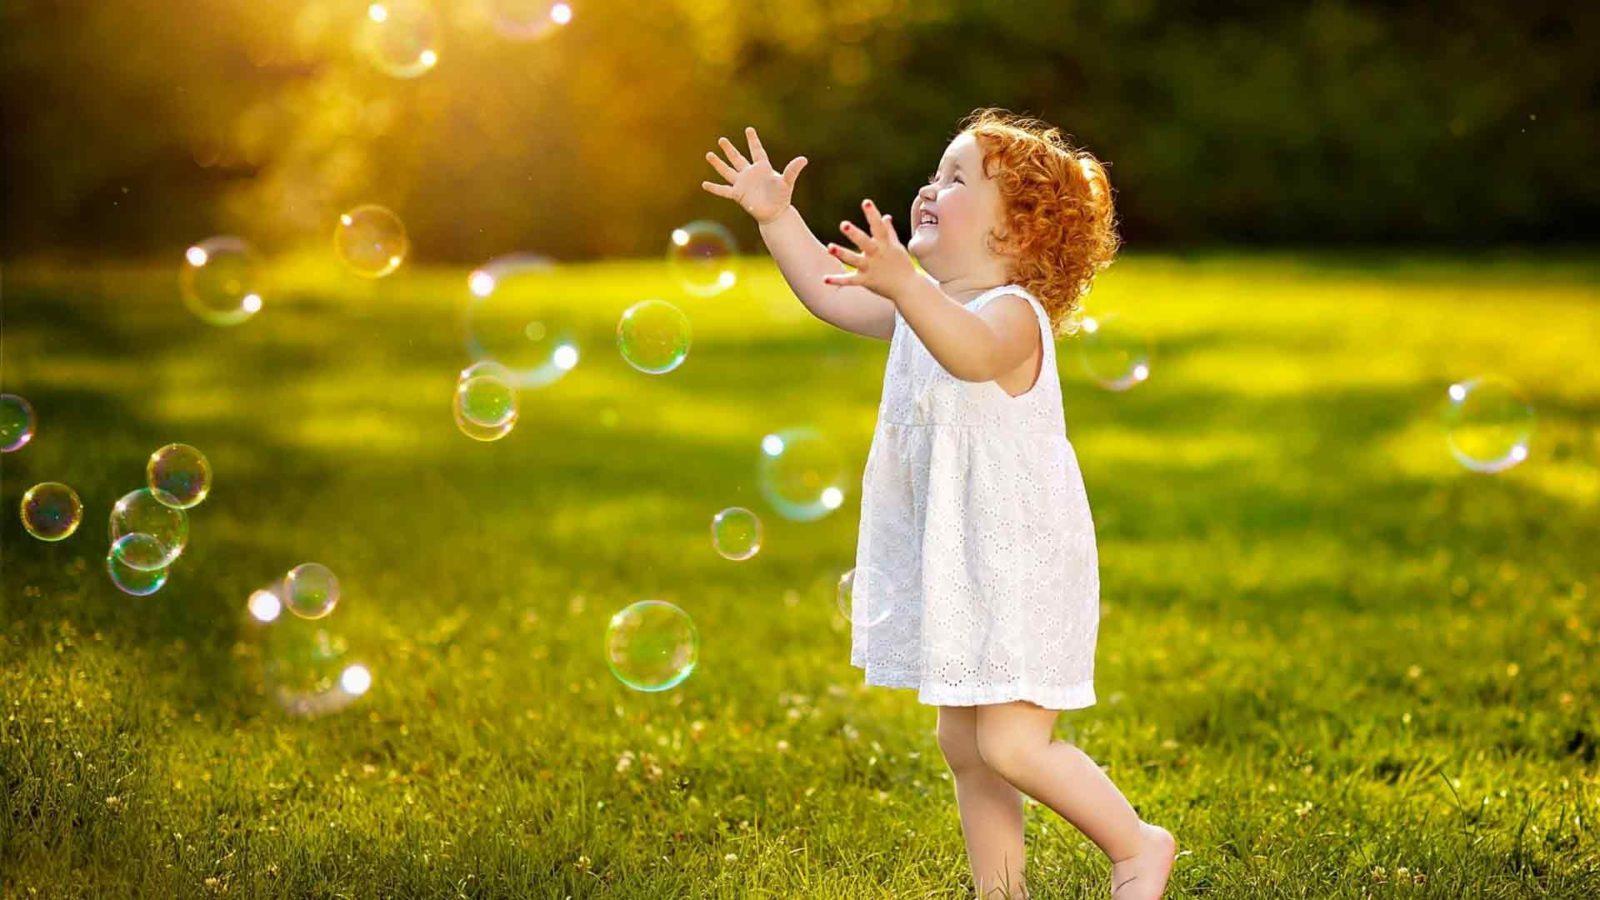 картинки показывающие счастье бывает совершенно по-другому